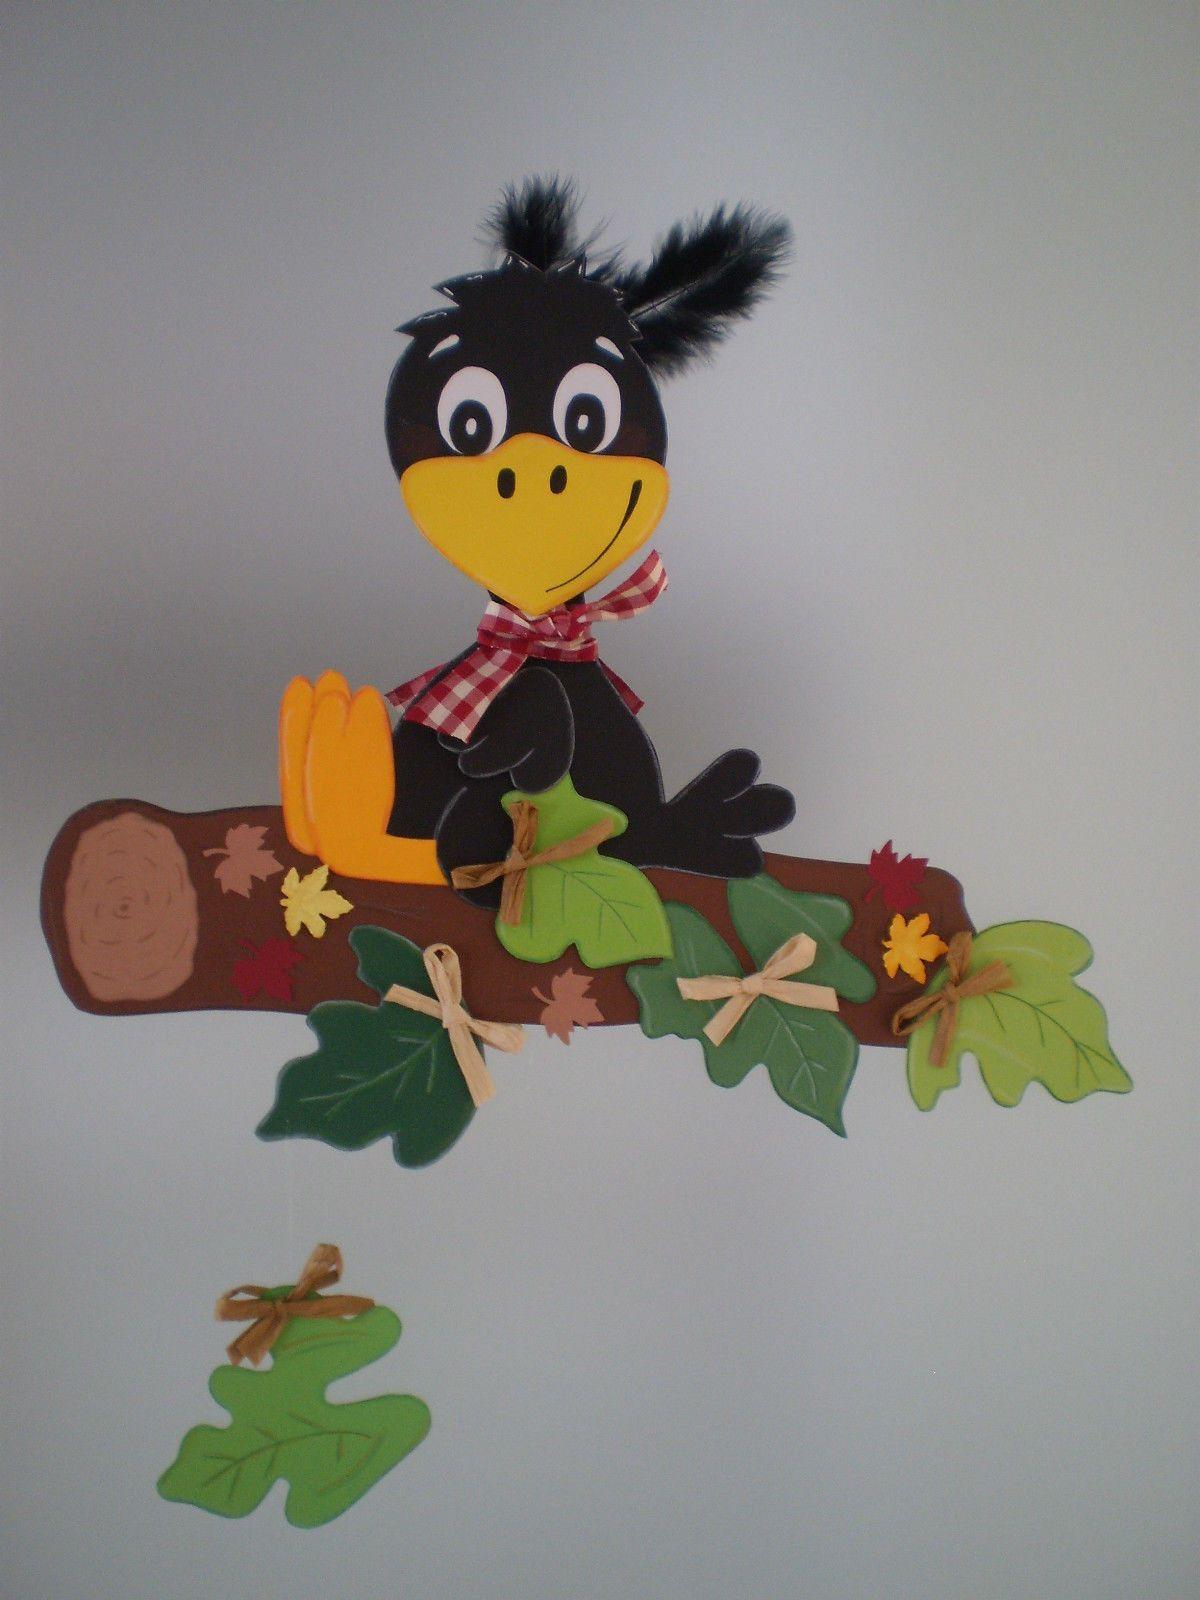 Fensterbild Rabe Auf Ast Herbst Dekoration Tonkarton Eur 12 00 Pinecone Crafts Kids Autumn Crafts Fall Crafts